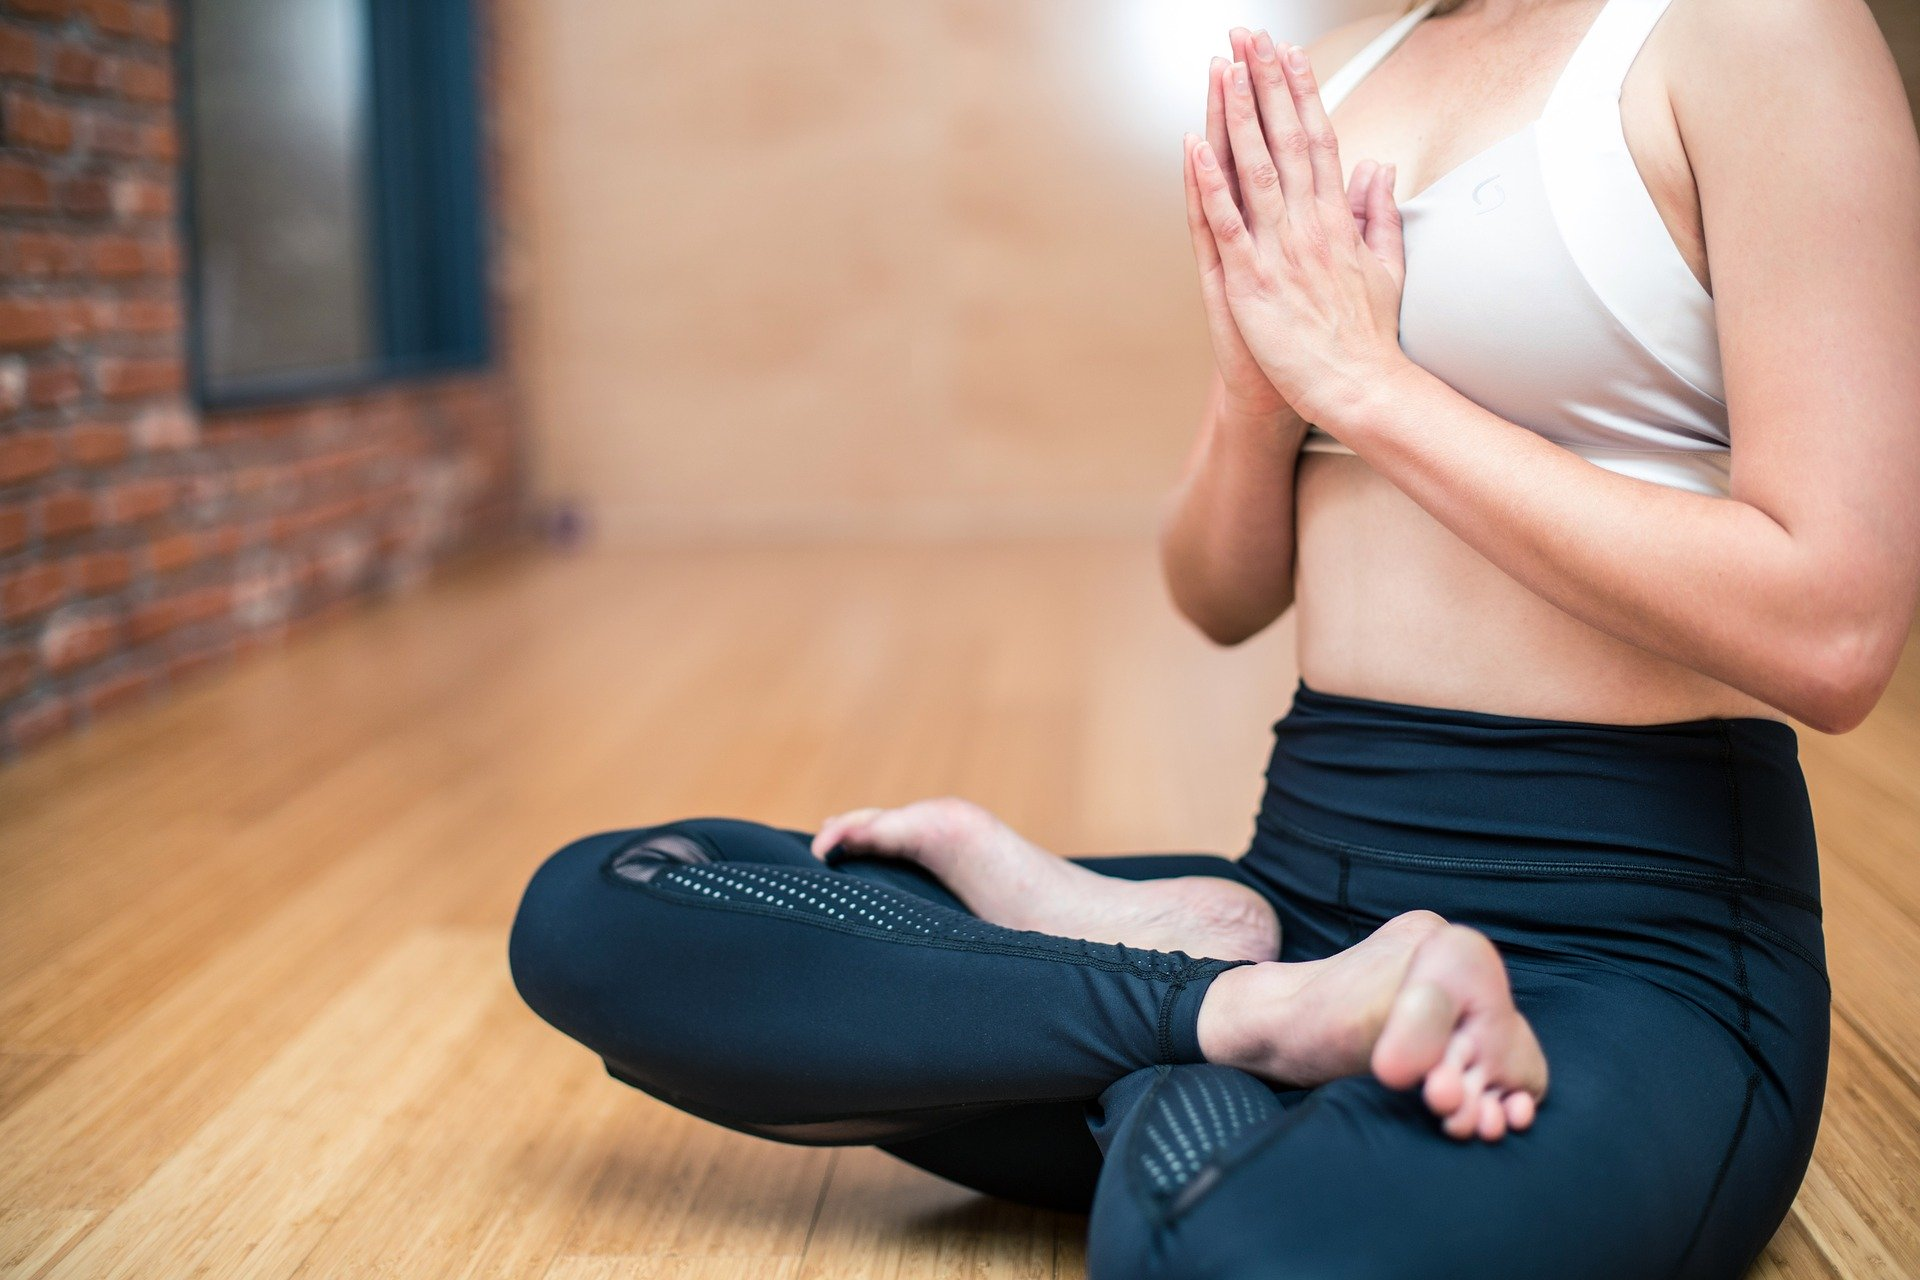 Cours de yoga en direct sur Facebook tous les jours à 11h pour les adultes et 17h pour les enfants